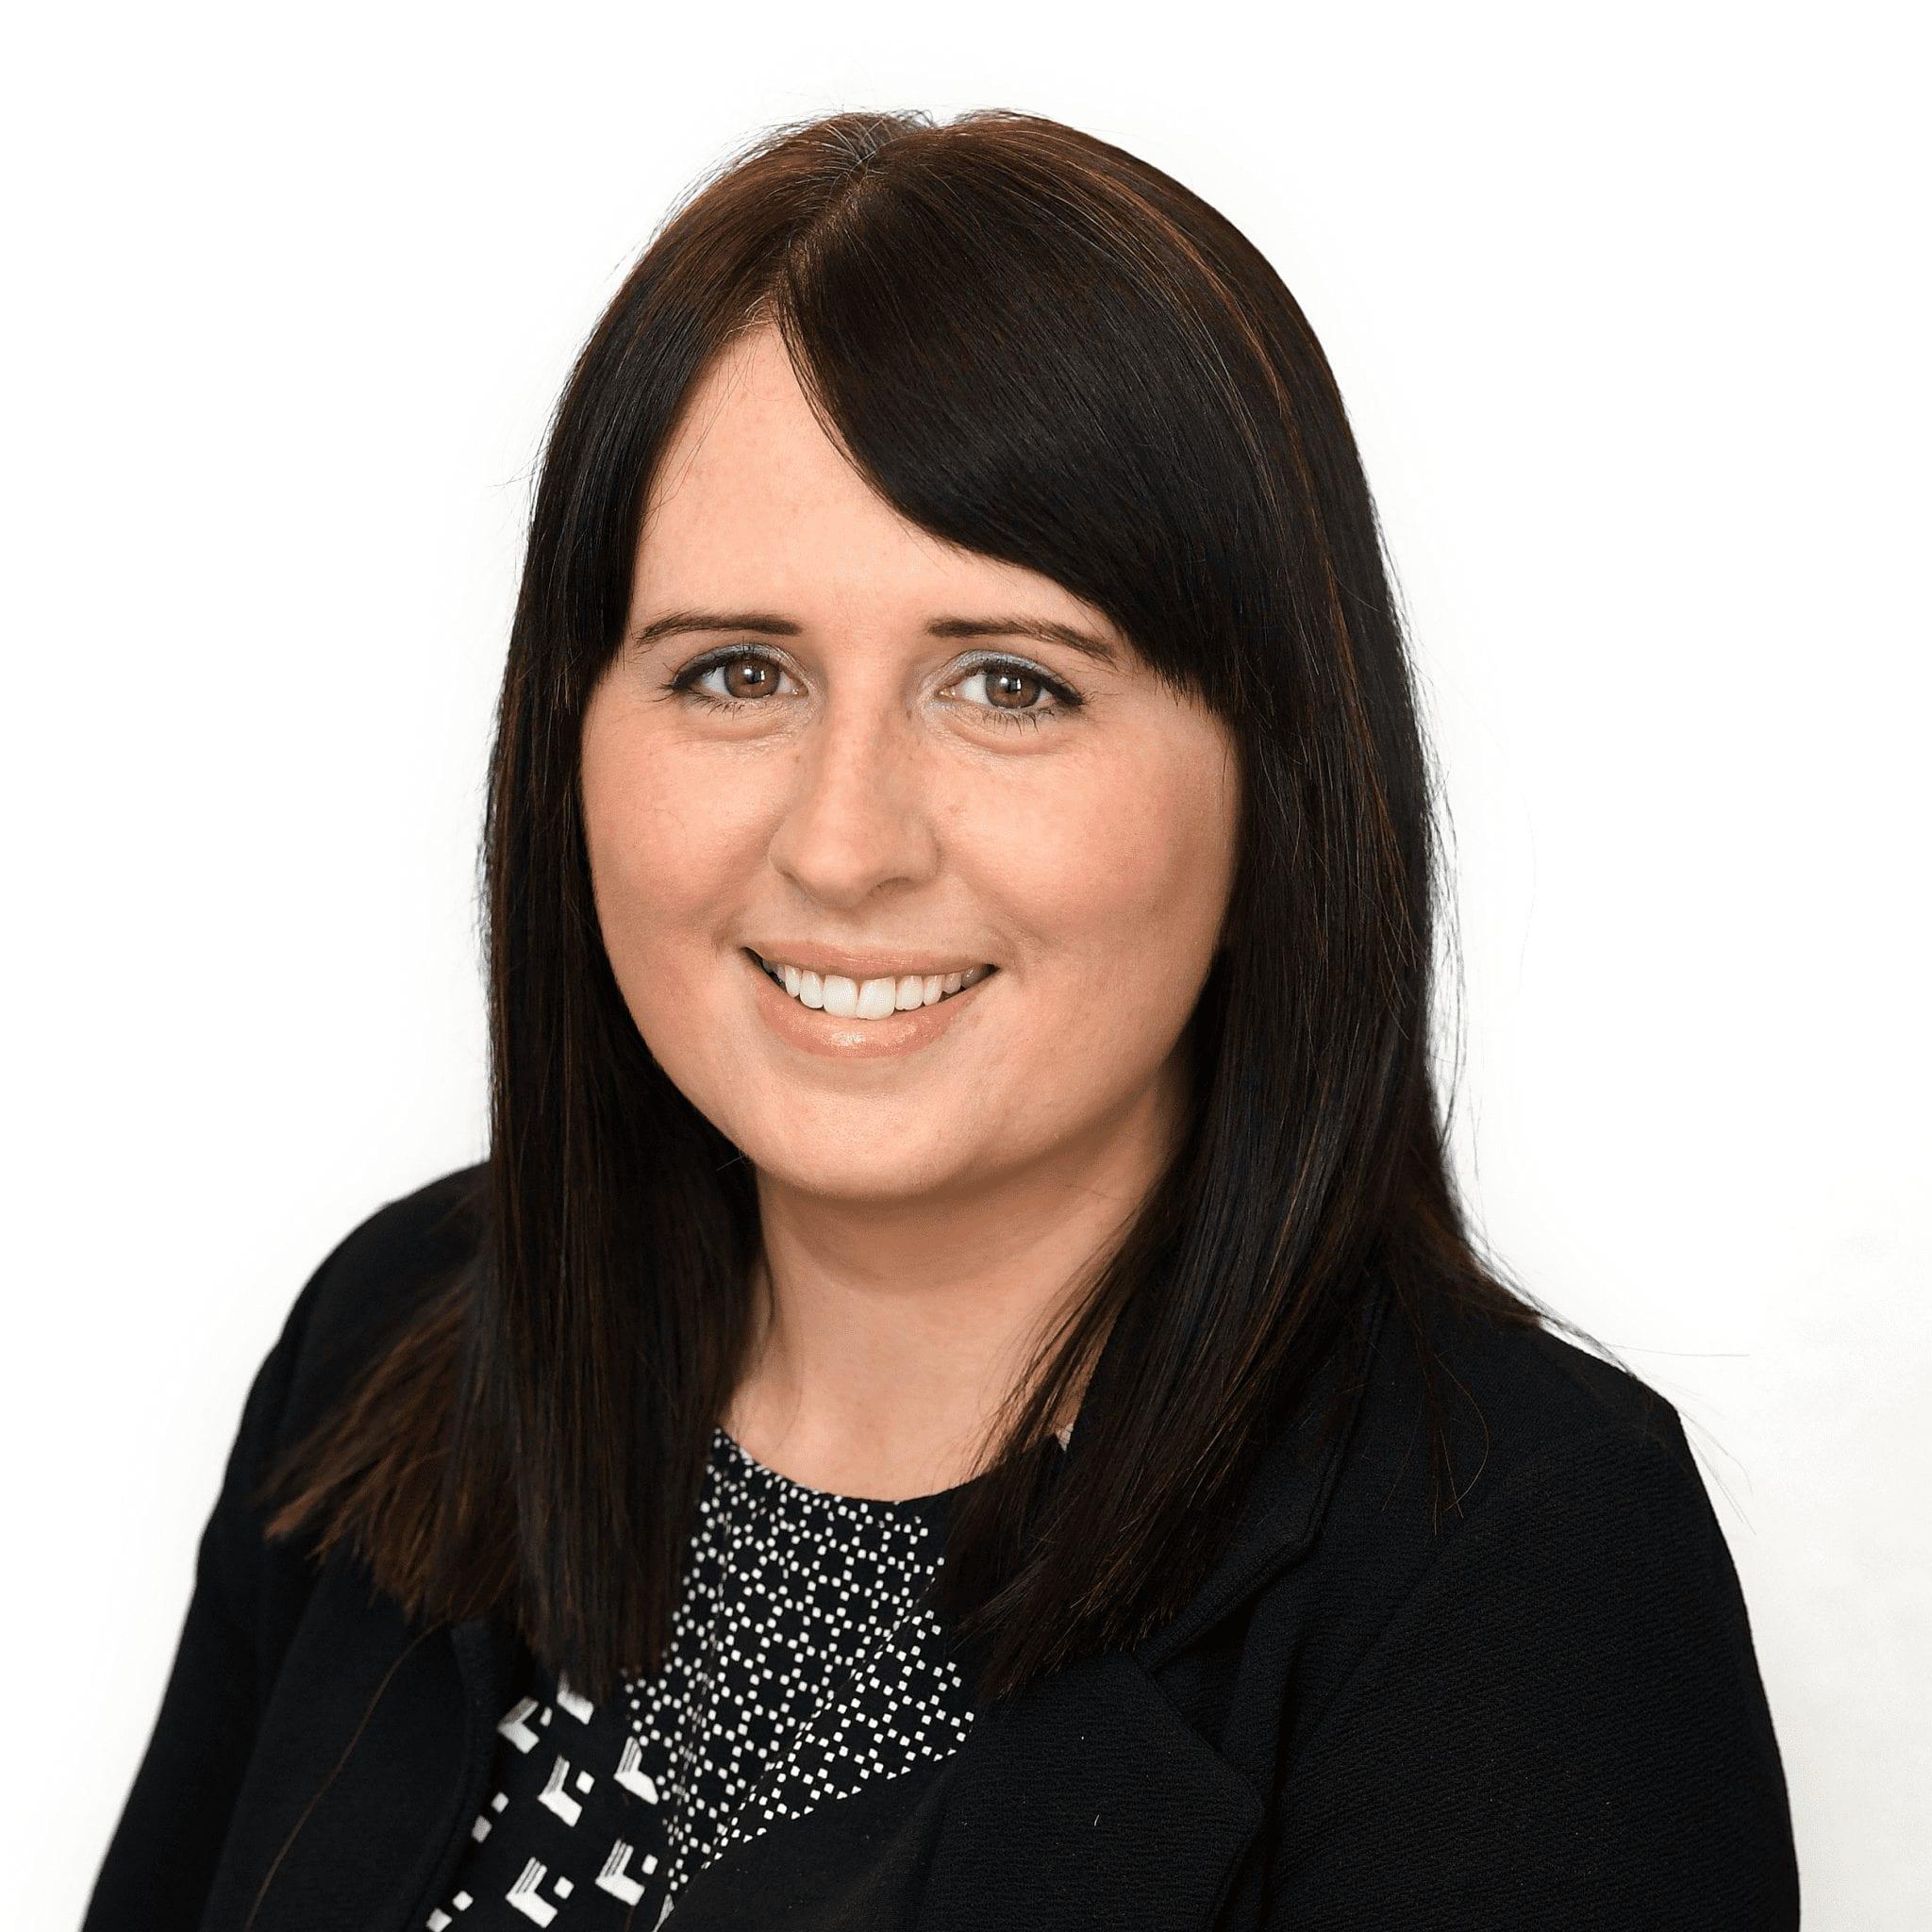 Nicola Hammond